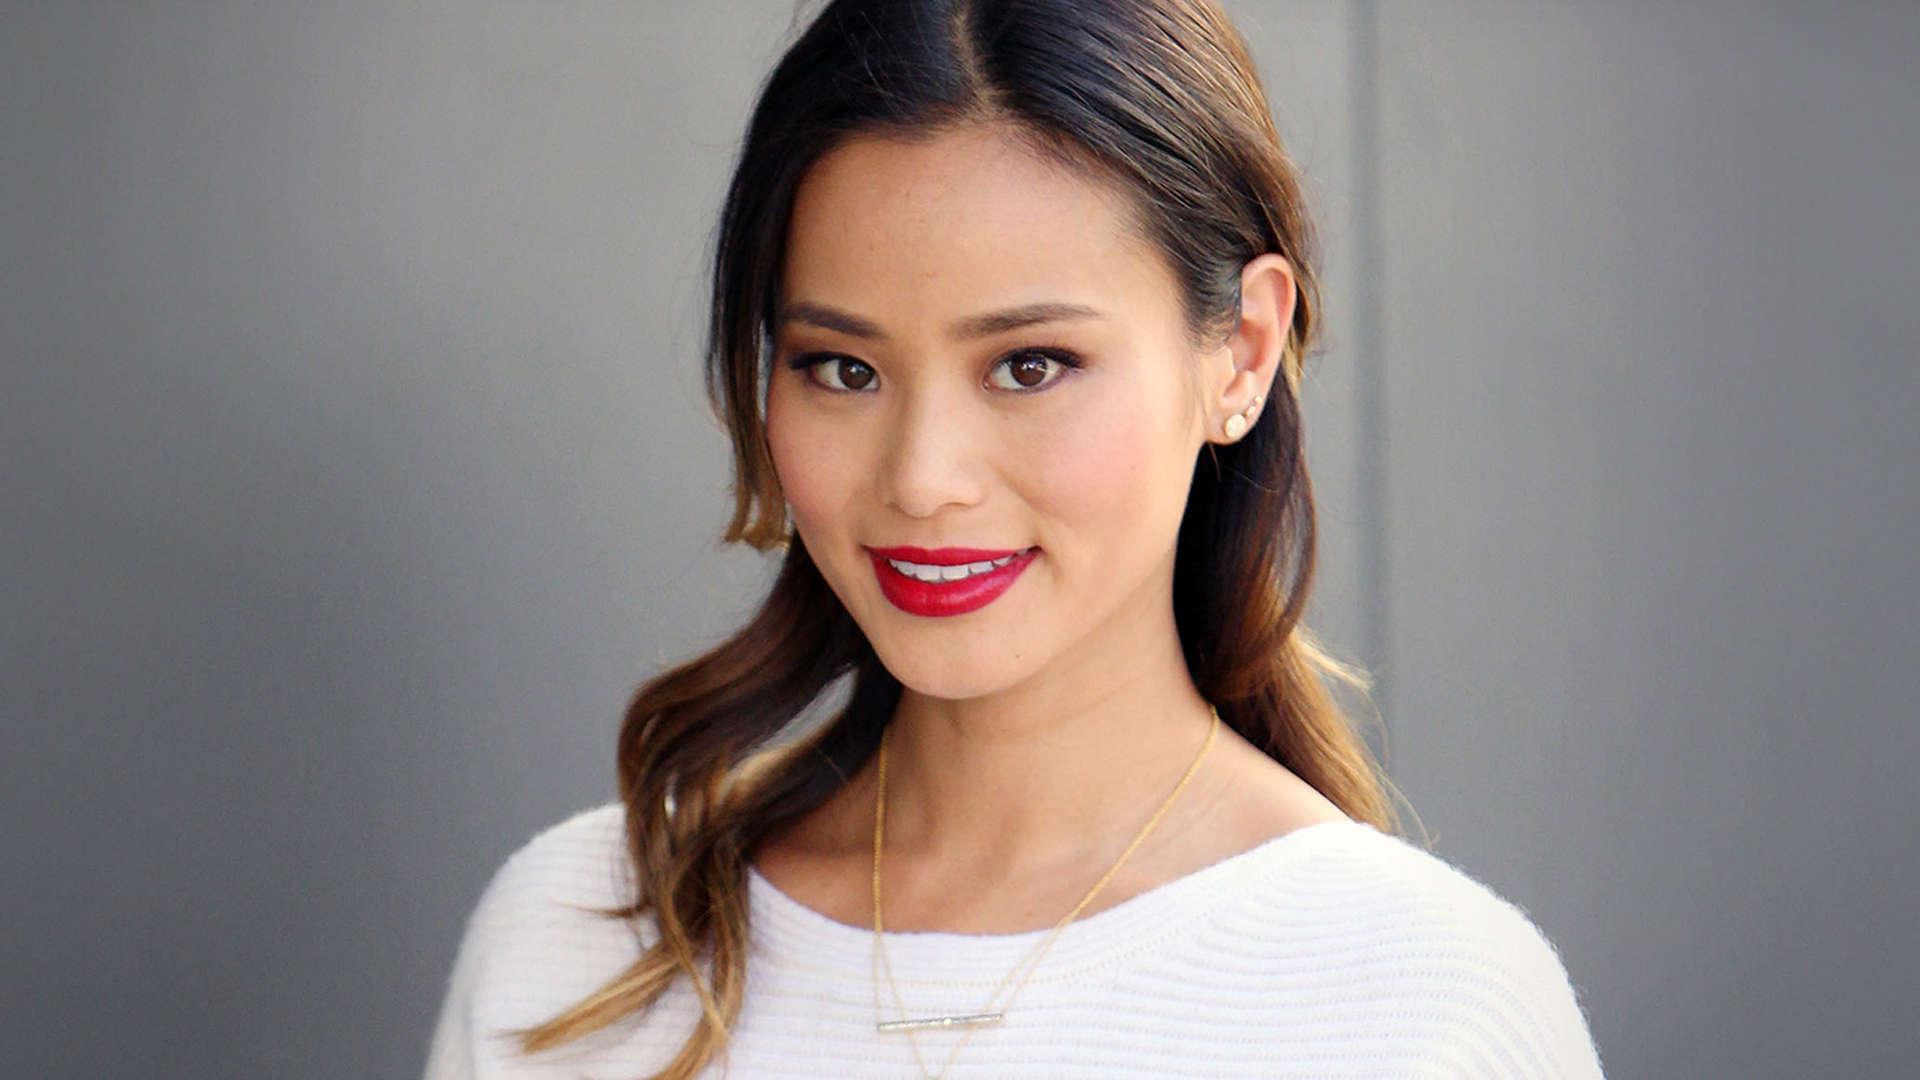 jamie chung makeup wallpaper 53580 1920x1080 px